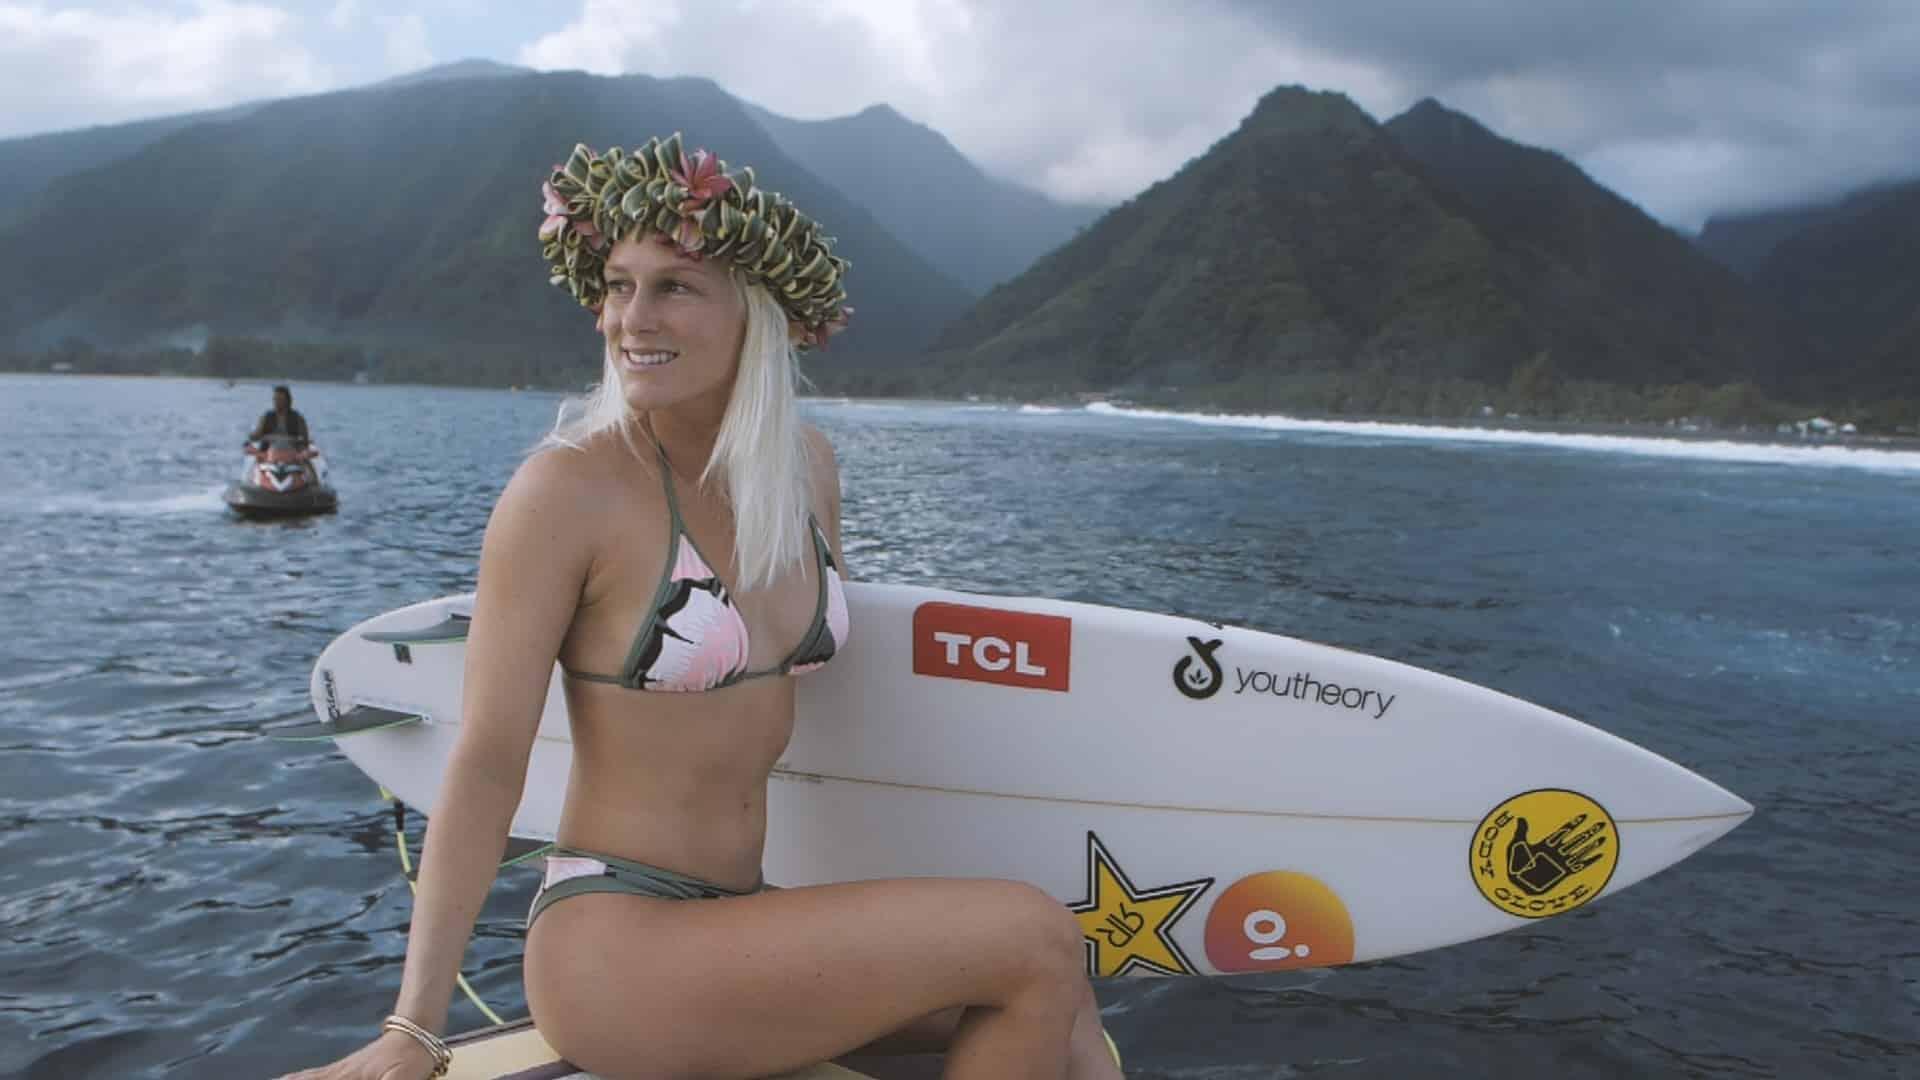 Brasileira, Tati Weston-Webb passou a representar o Brasil na elite do surfe mundial e irá para os Jogos Olímpicos de Tóquio